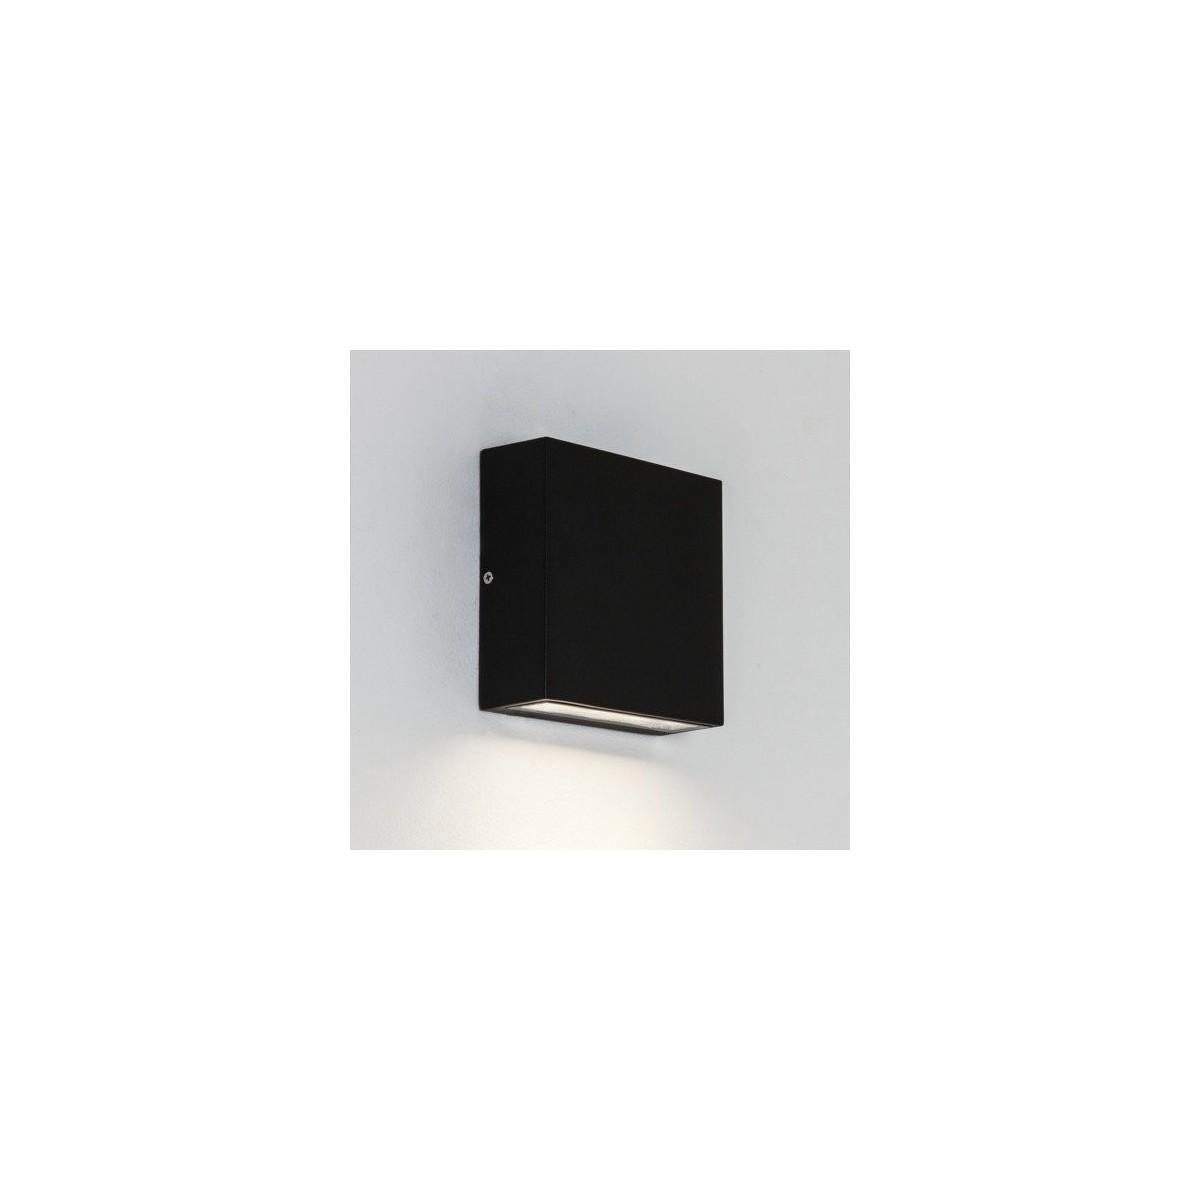 Astro Elis Single LED Ścienna 4.7W LED Czarny Struktura IP54 1331001